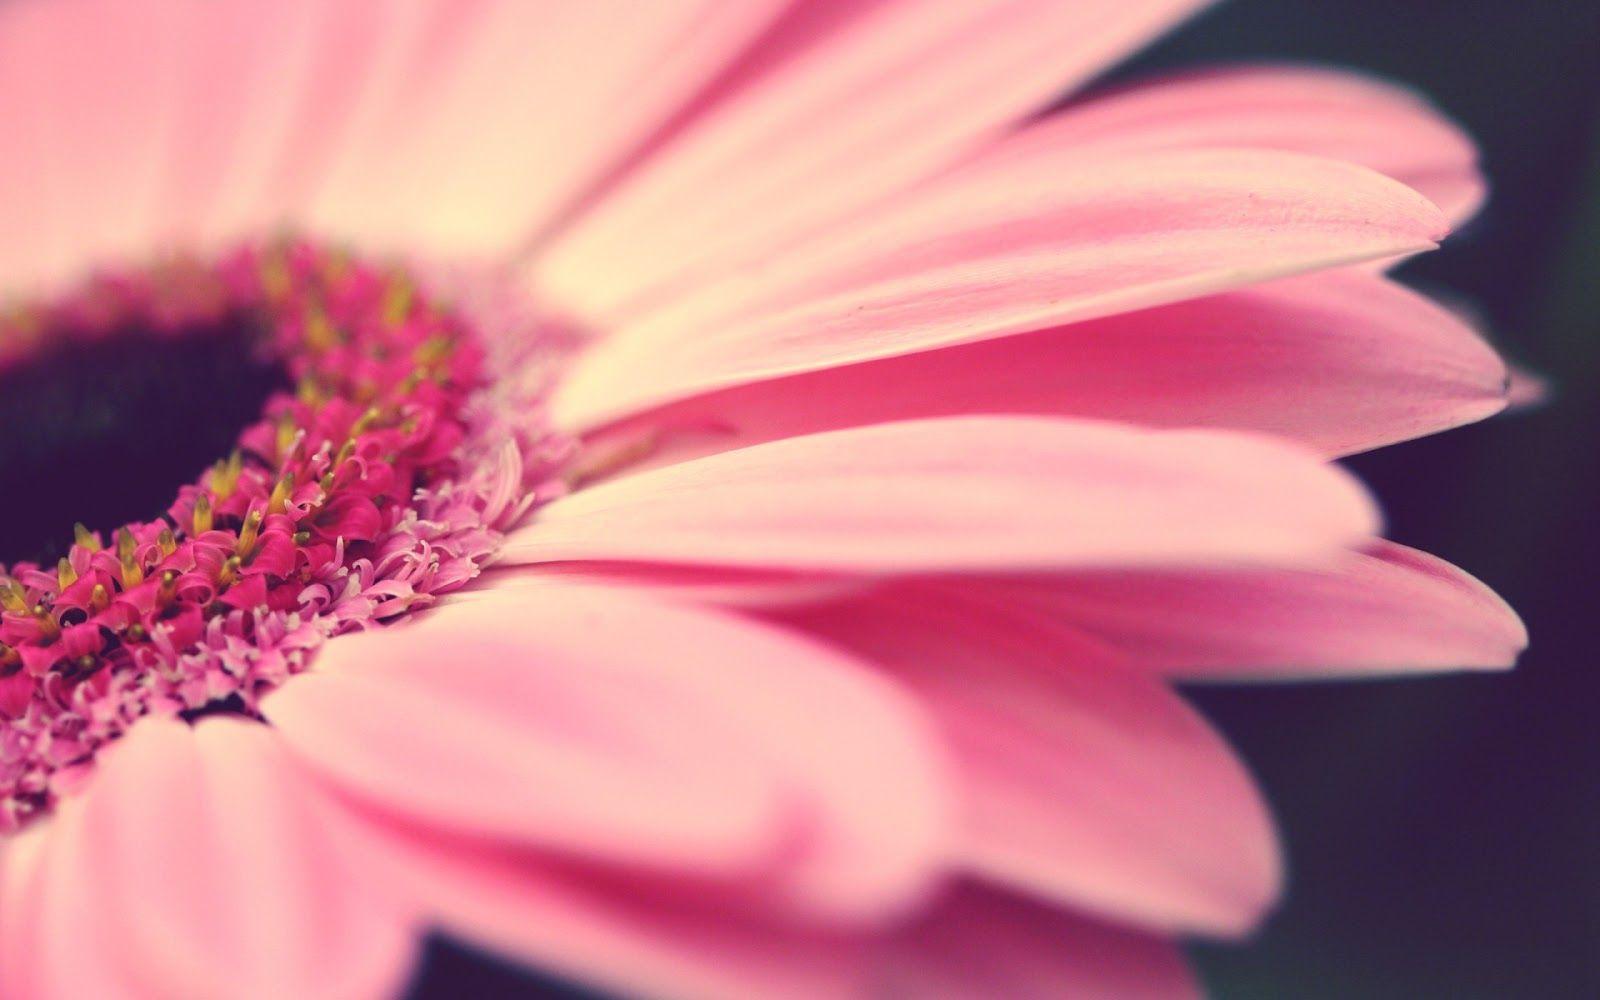 20 خلفية زهور رائعة عالية الدقة مجانا مداد الجليد Pink Flowers Wallpaper Flowers Photography Flower Wallpaper